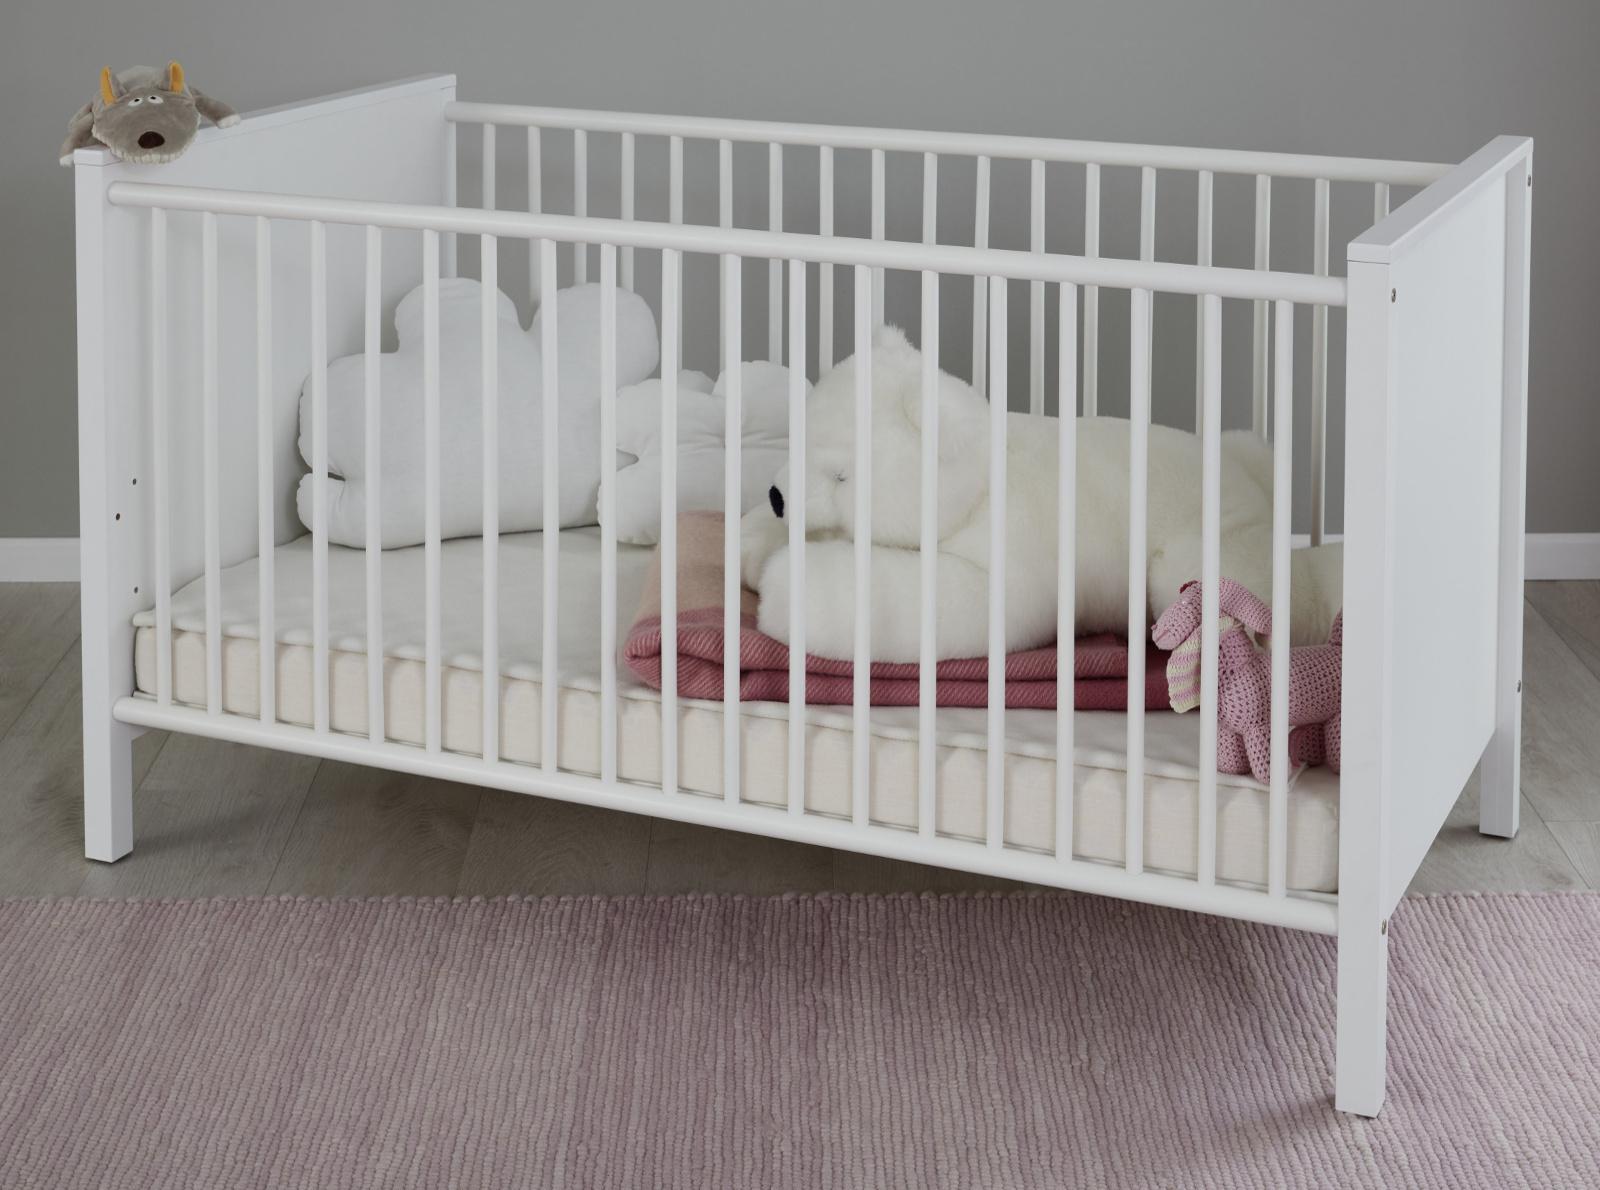 Babyzimmer Babybett Ole In Weiss Gitterbett Mit Schlupfsprossen Und Lattenrost Liegeflache 70 X 140 Cm